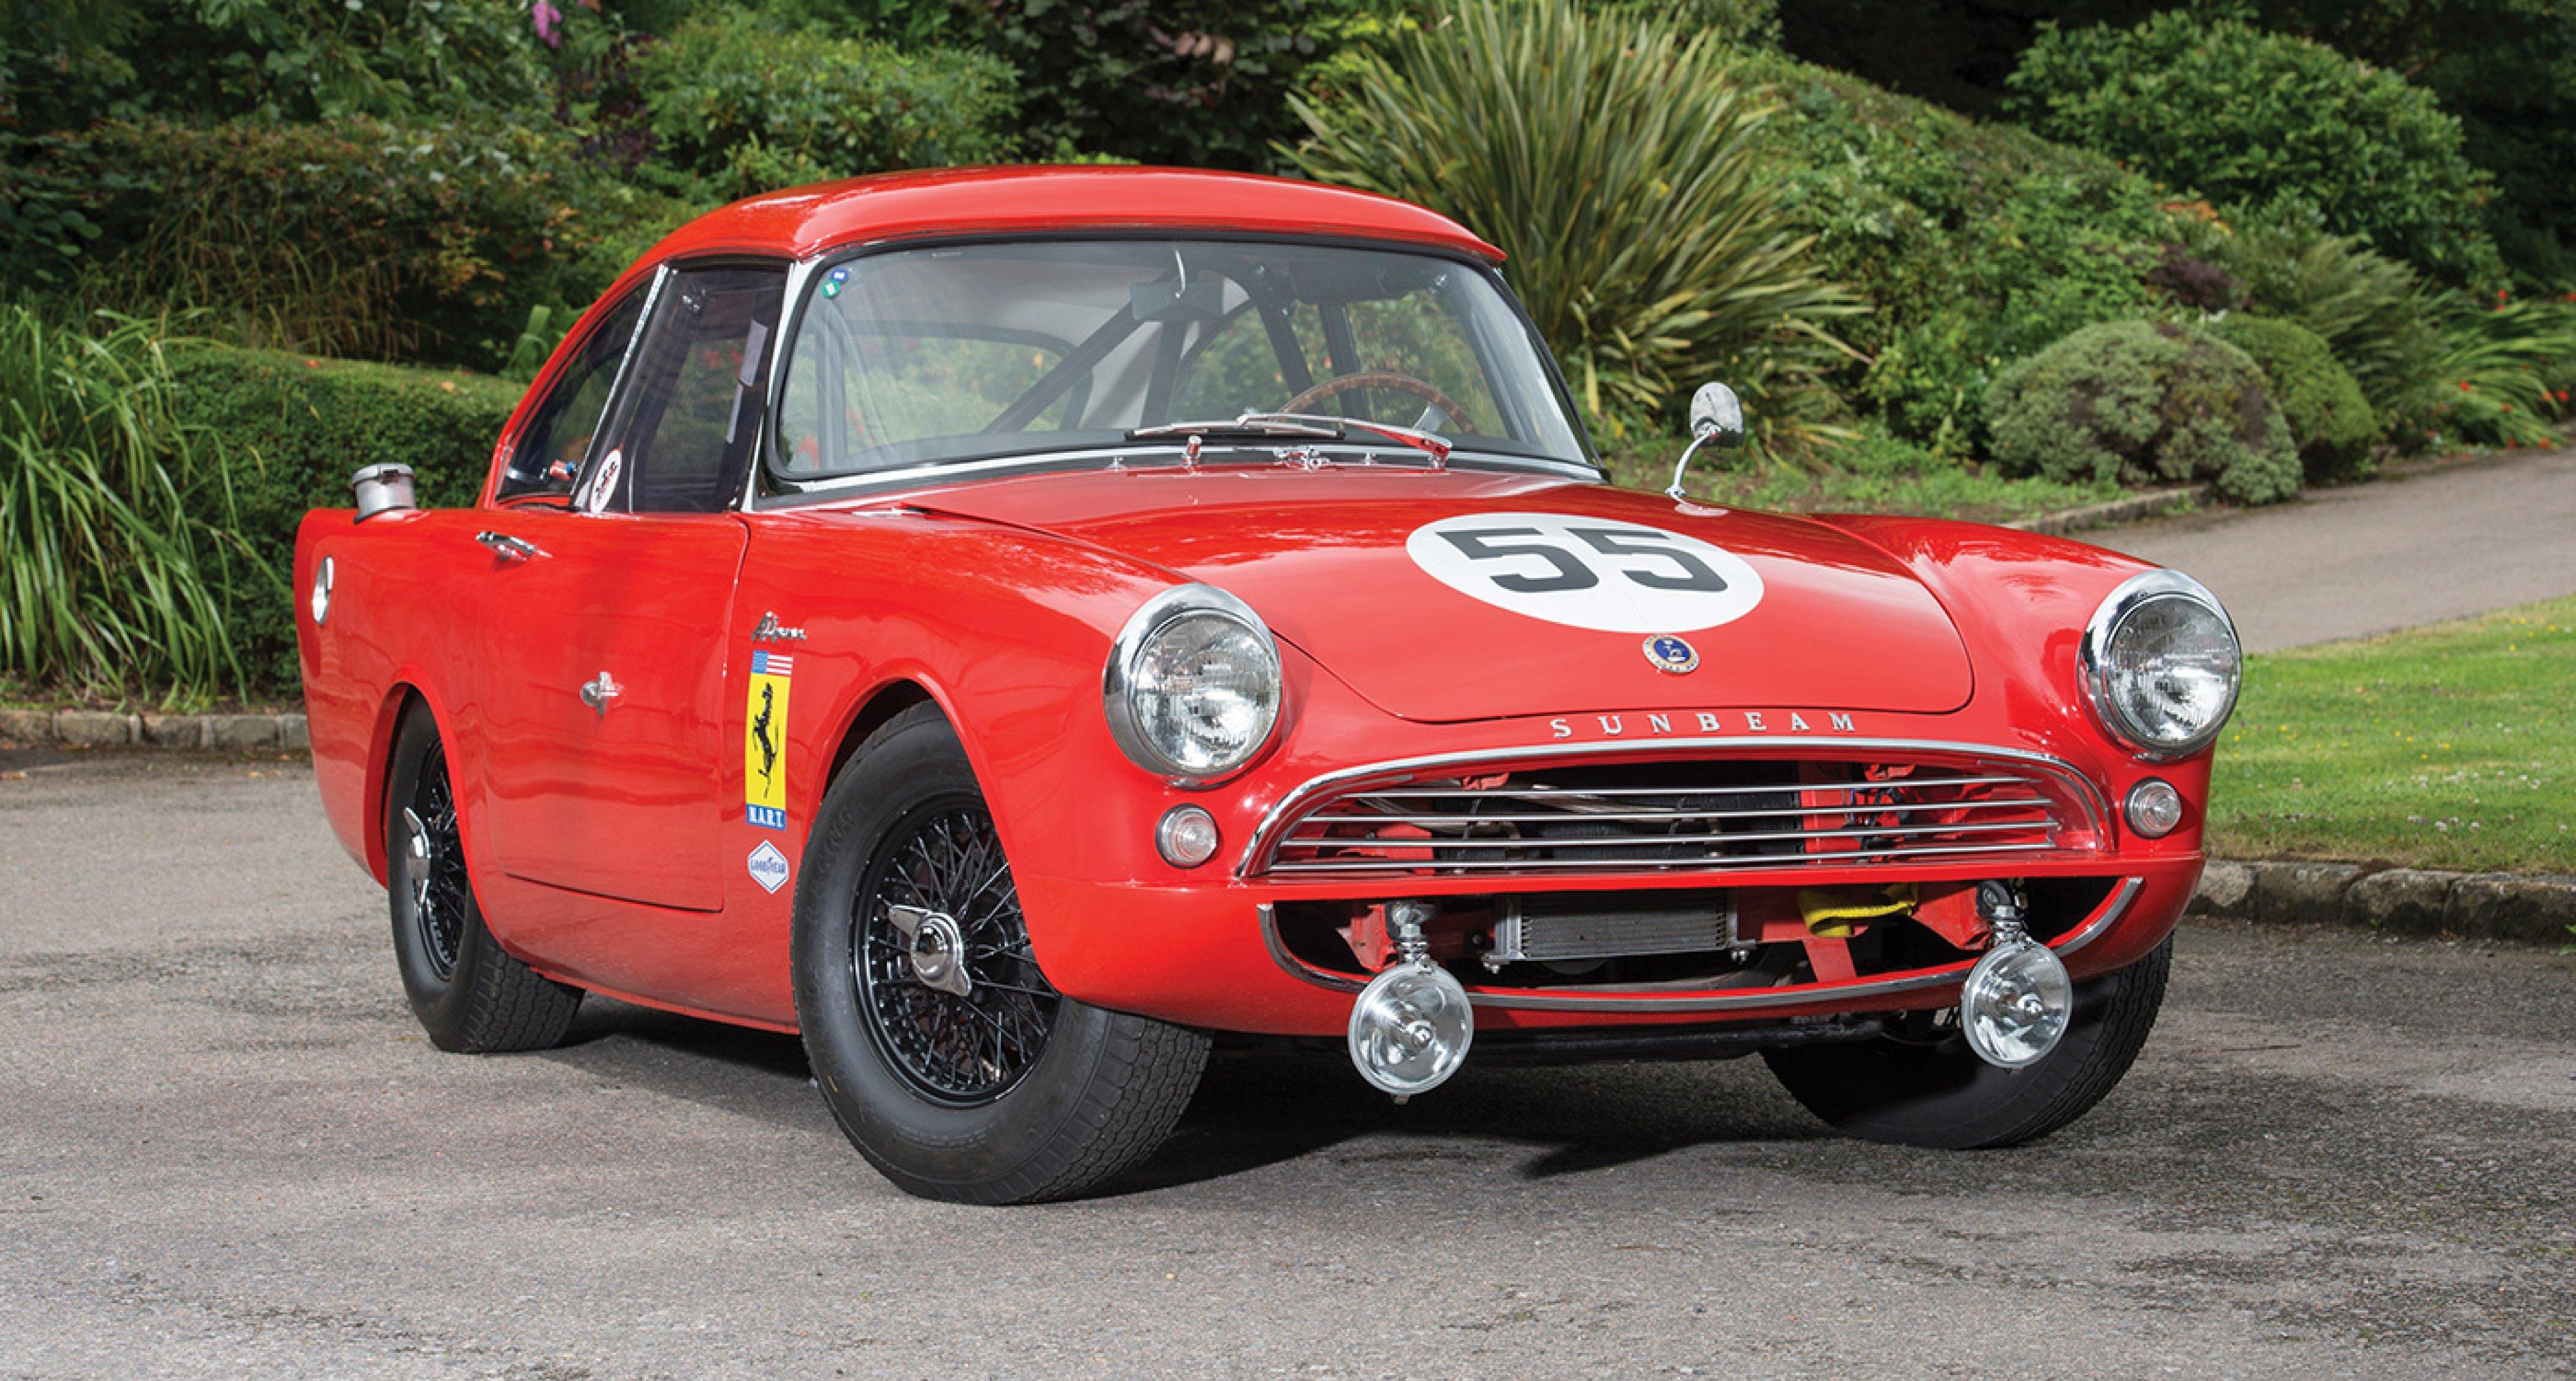 This Harrington Sunbeam Alpine Legitimately Wore The Ferrari Crest